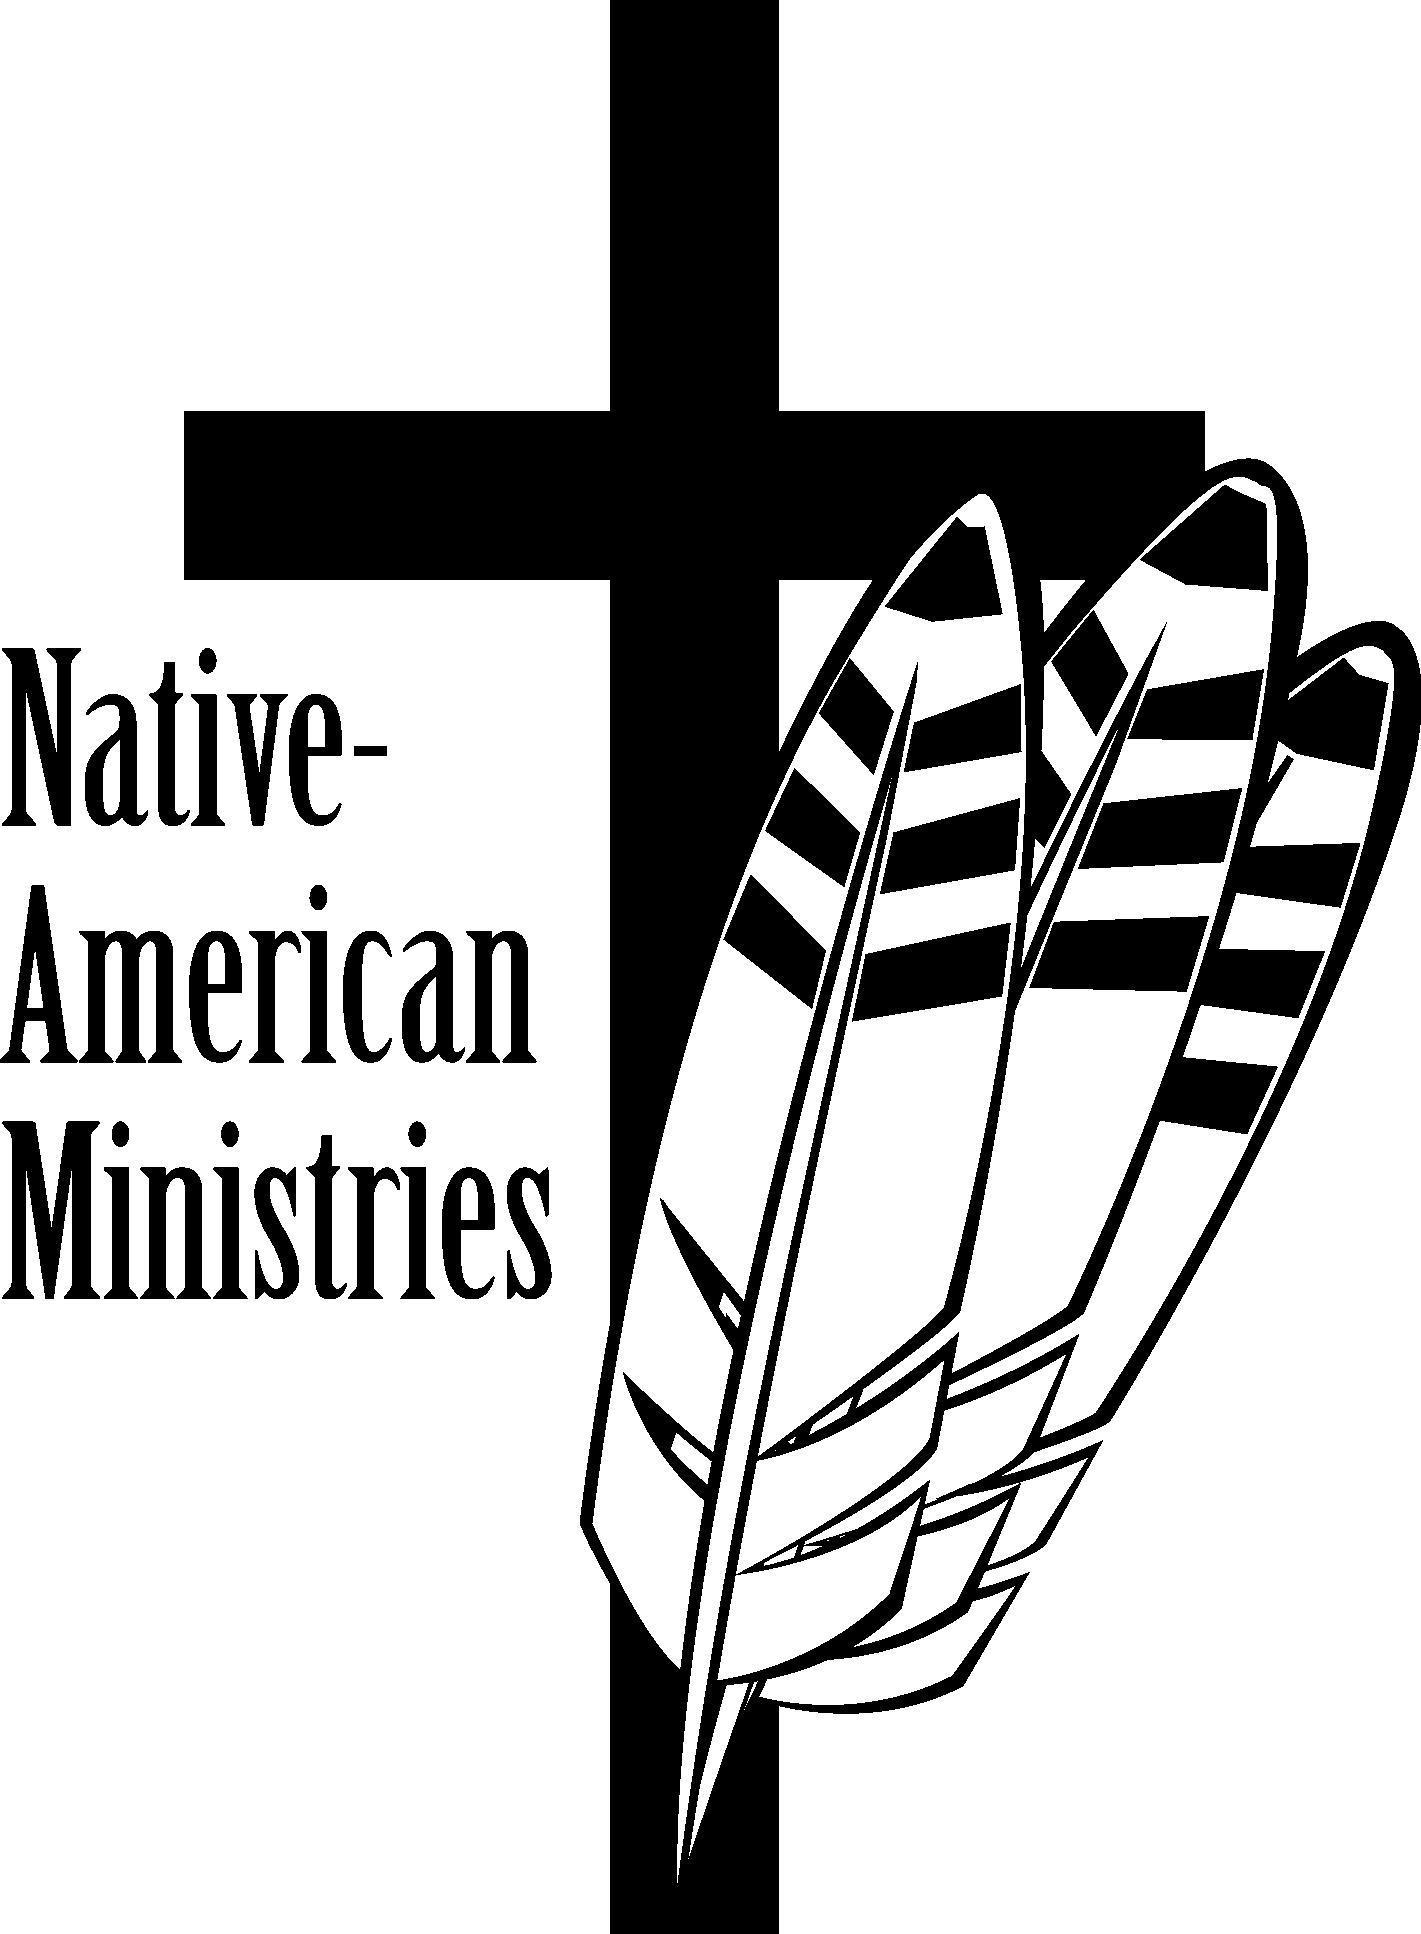 Whiteclay Neb Based Lakota Hope Ministry Has Productive Summer